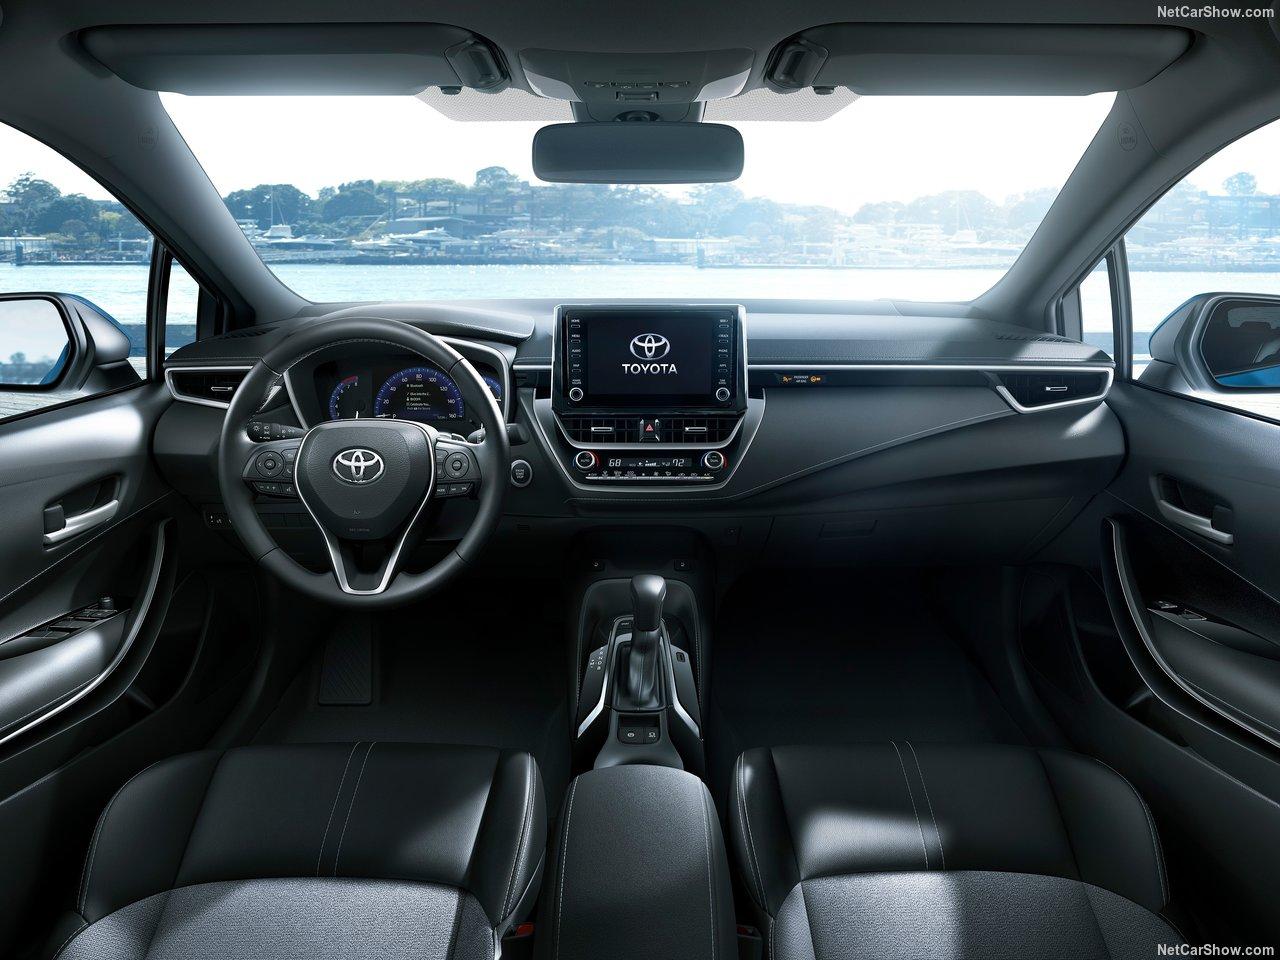 Toyota-Corolla_Hatchback-2019-1280-2a.jpg